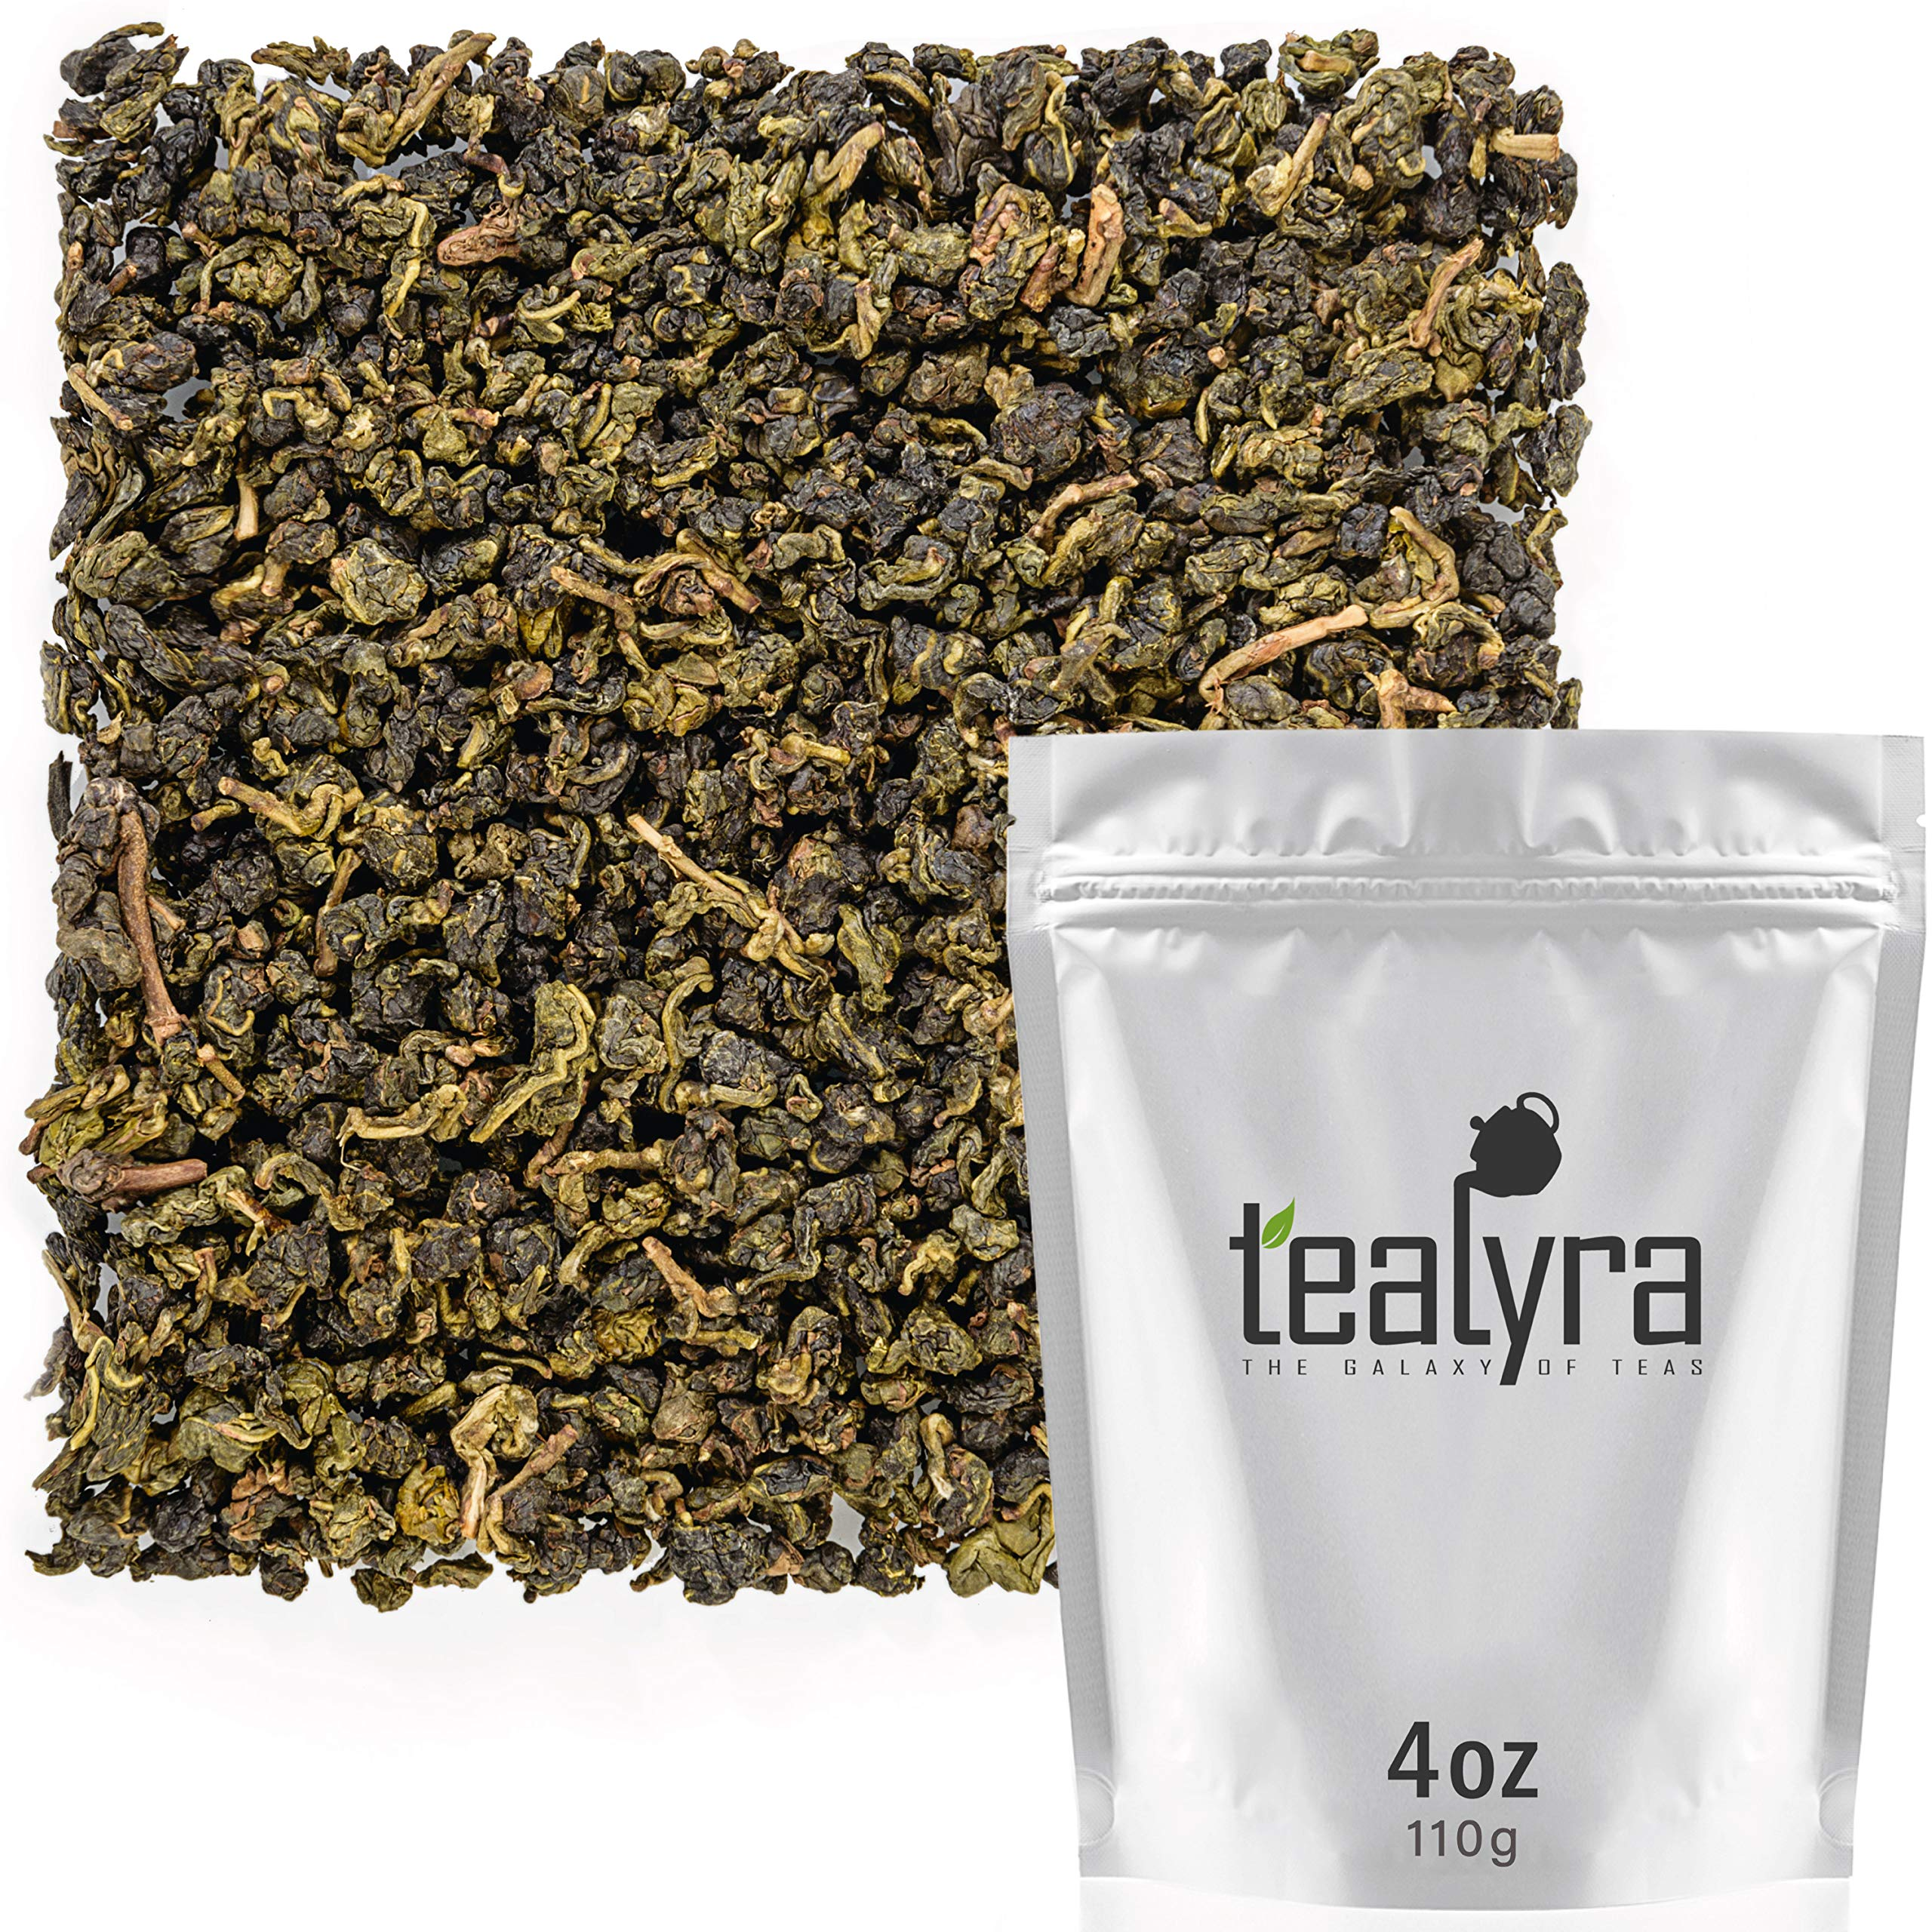 Tealyra - Jade Taiwanese Formosa Oolong - Loose Leaf Tea - Best Oolong Teas from Taiwan - Naturally Grown - Caffeine Medium - 110g (4-ounce)